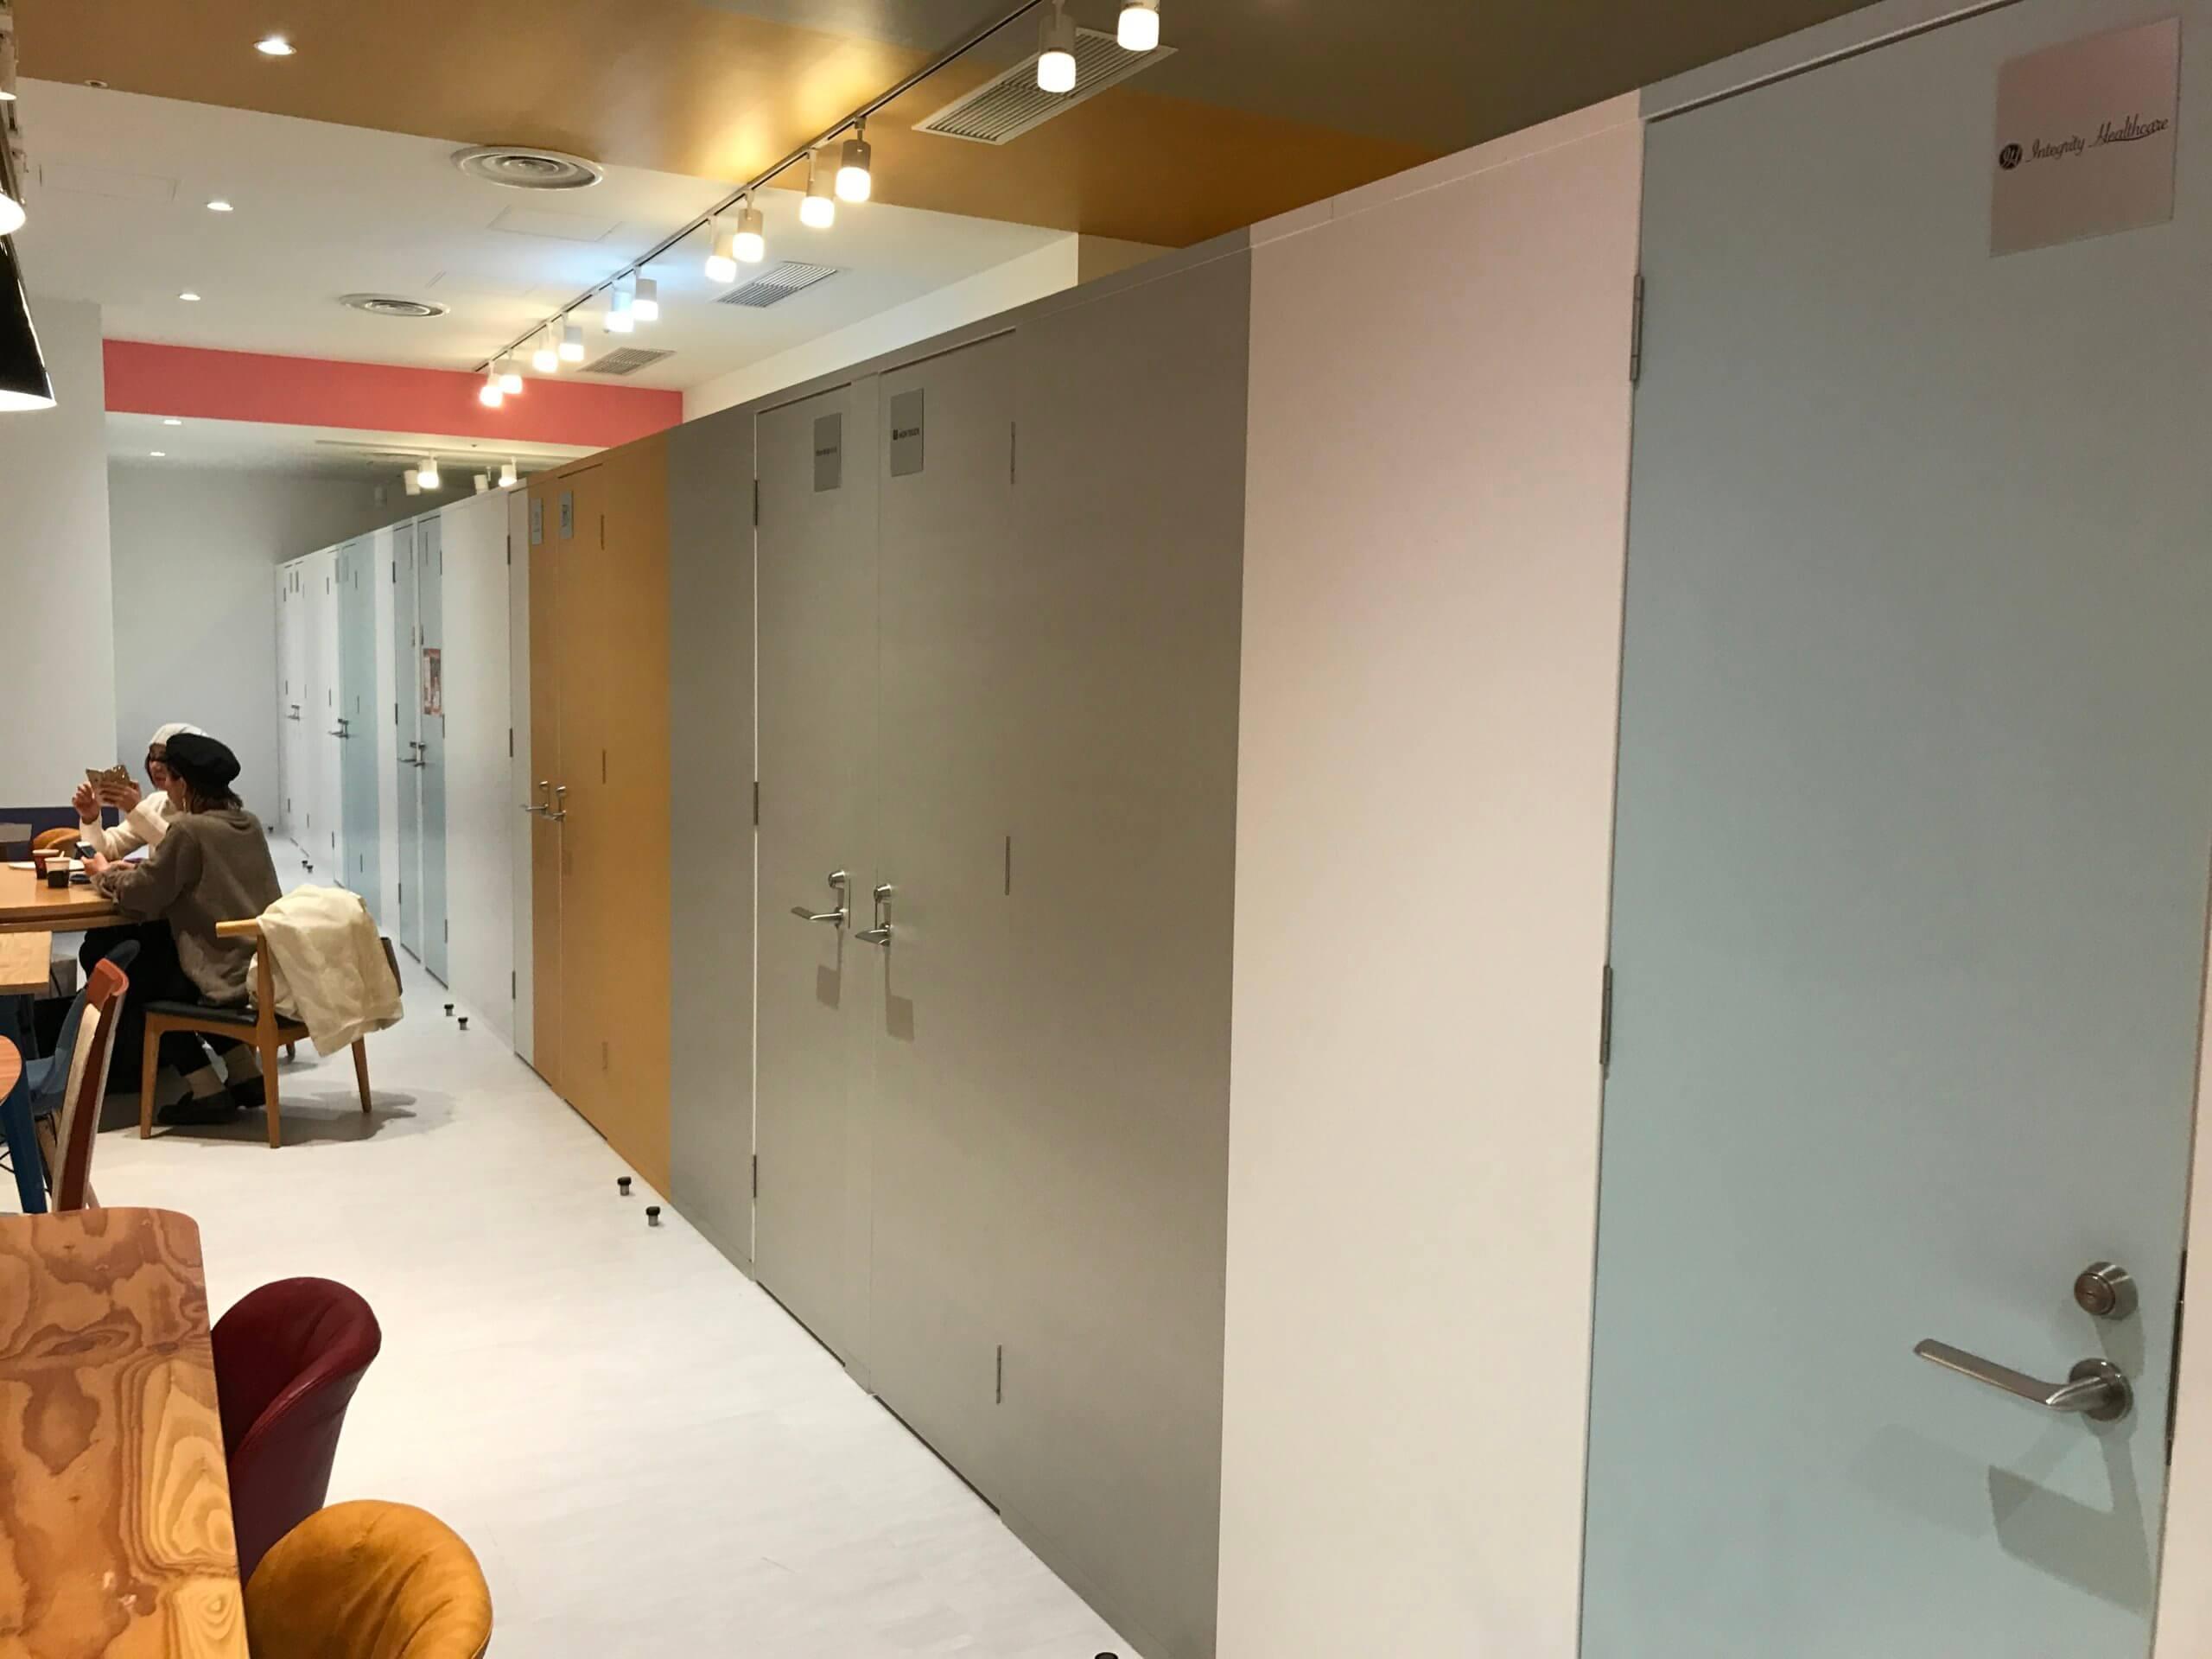 大人気のThe Company福岡PARCO店、4名ブースに空きが出ました!